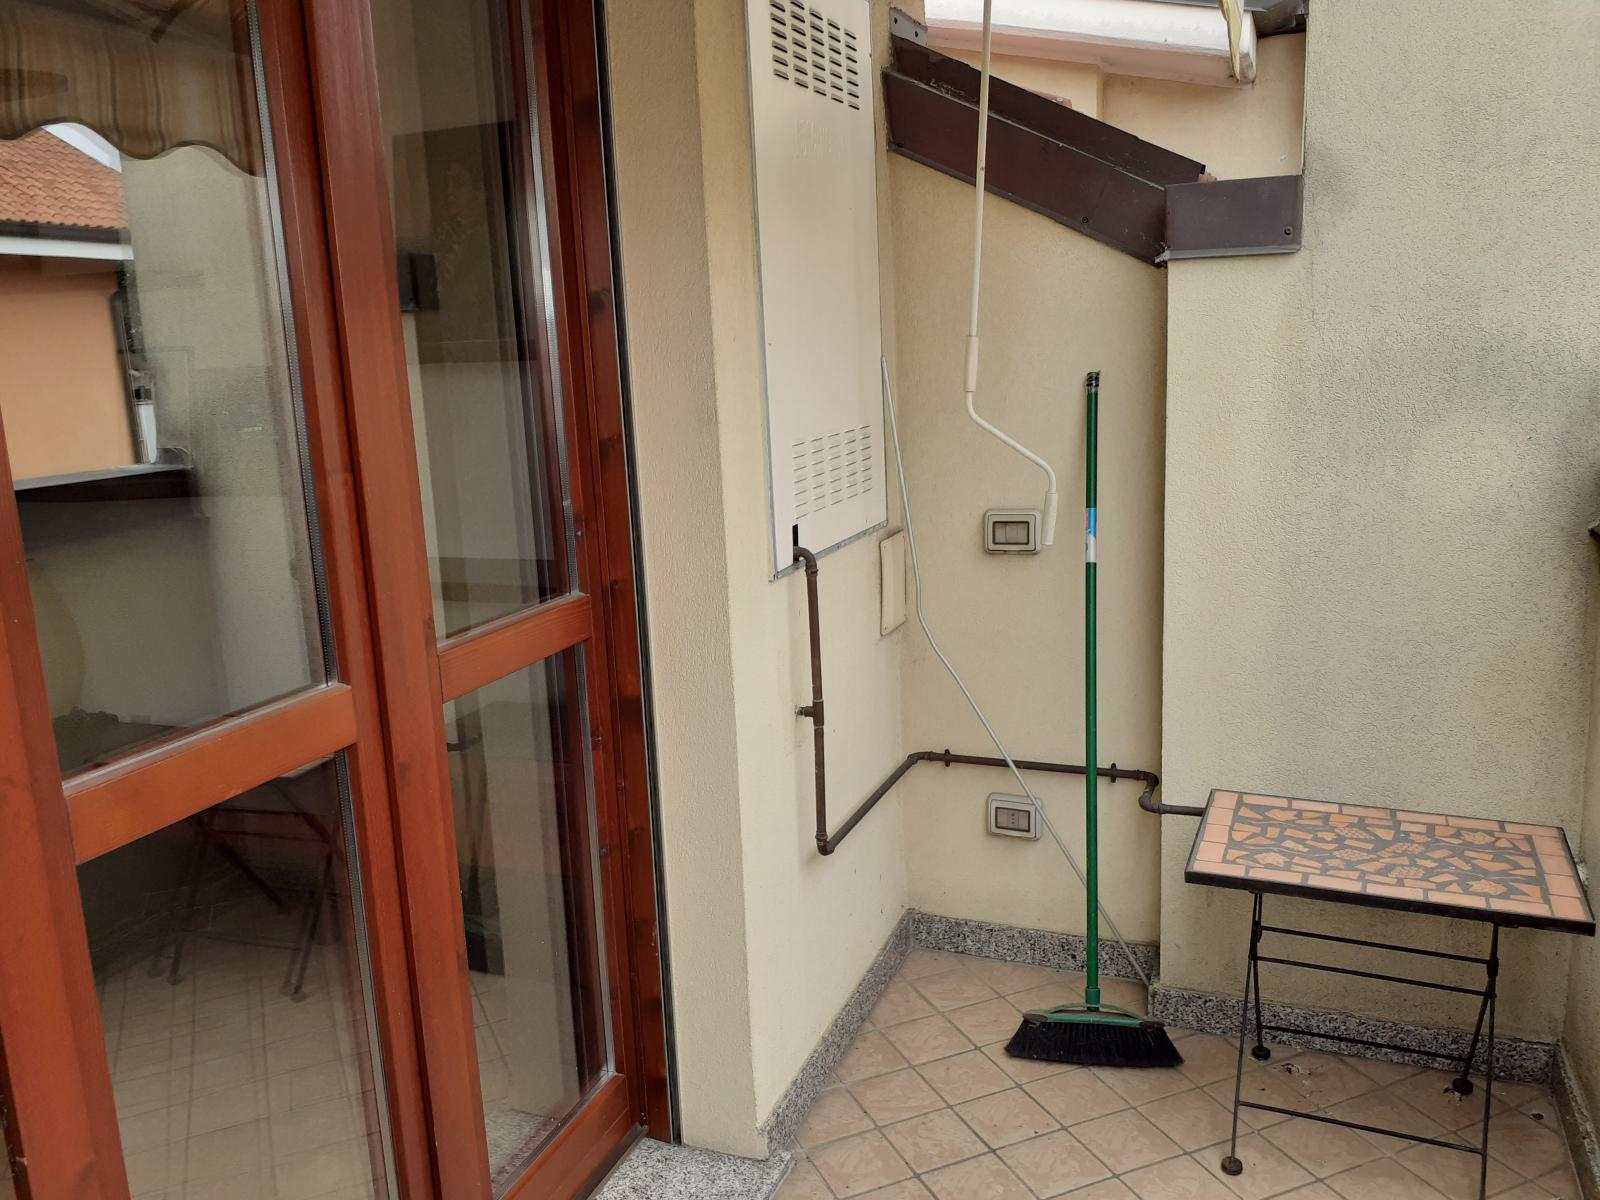 appartamento-in-vendita-bareggio-2-locali-bilocale-spaziourbano-immobiliare-vende-17